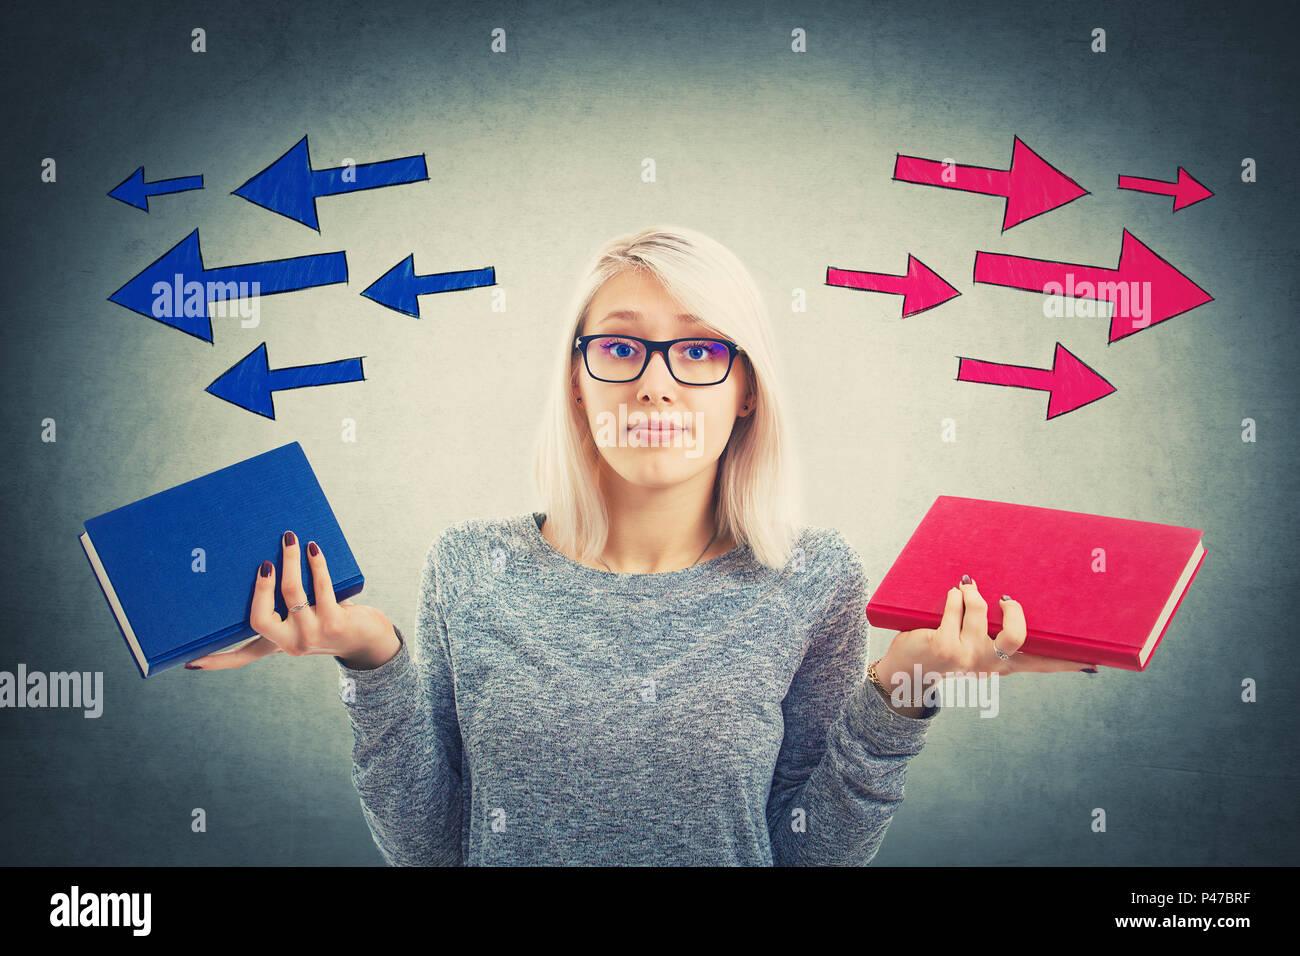 Verwirrte junge Frau die Wahl zwischen zwei Bücher, Rot und Blau, mit Pfeilen poinded auf der linken und rechten Seite. Schwierige Entscheidung, Bildung Konzept, Stockbild